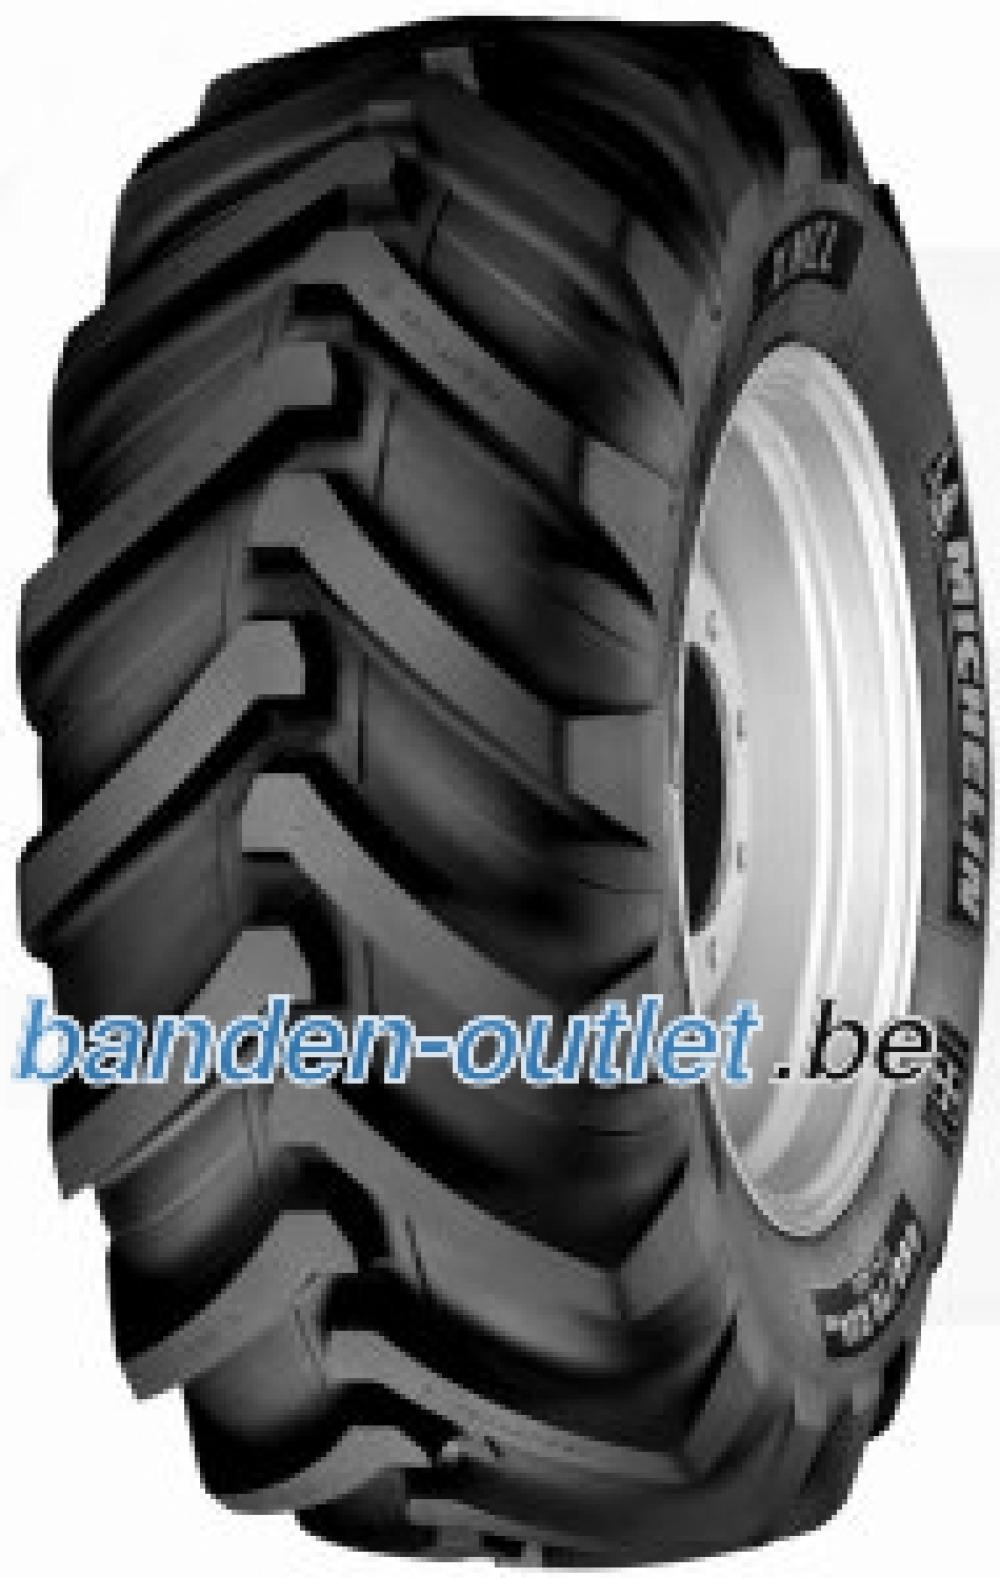 Michelin XMCL ( 460/70 R24 159A8 TL Dubbel merk 17.5 R24 159B )